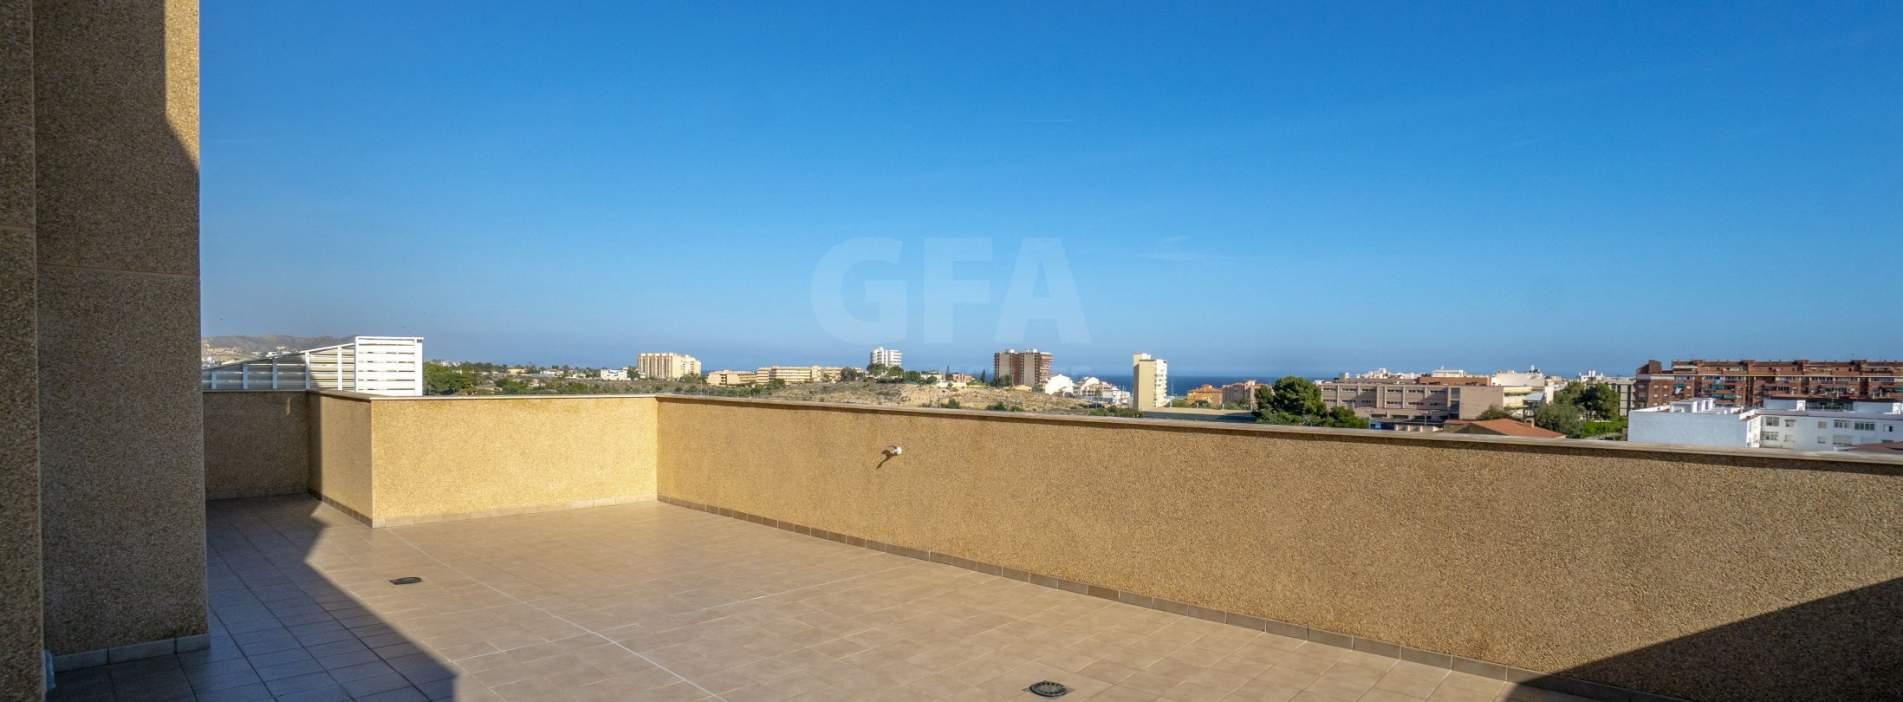 Pisos nuevos, garajes y trasteros en venta en Campello, Alicante